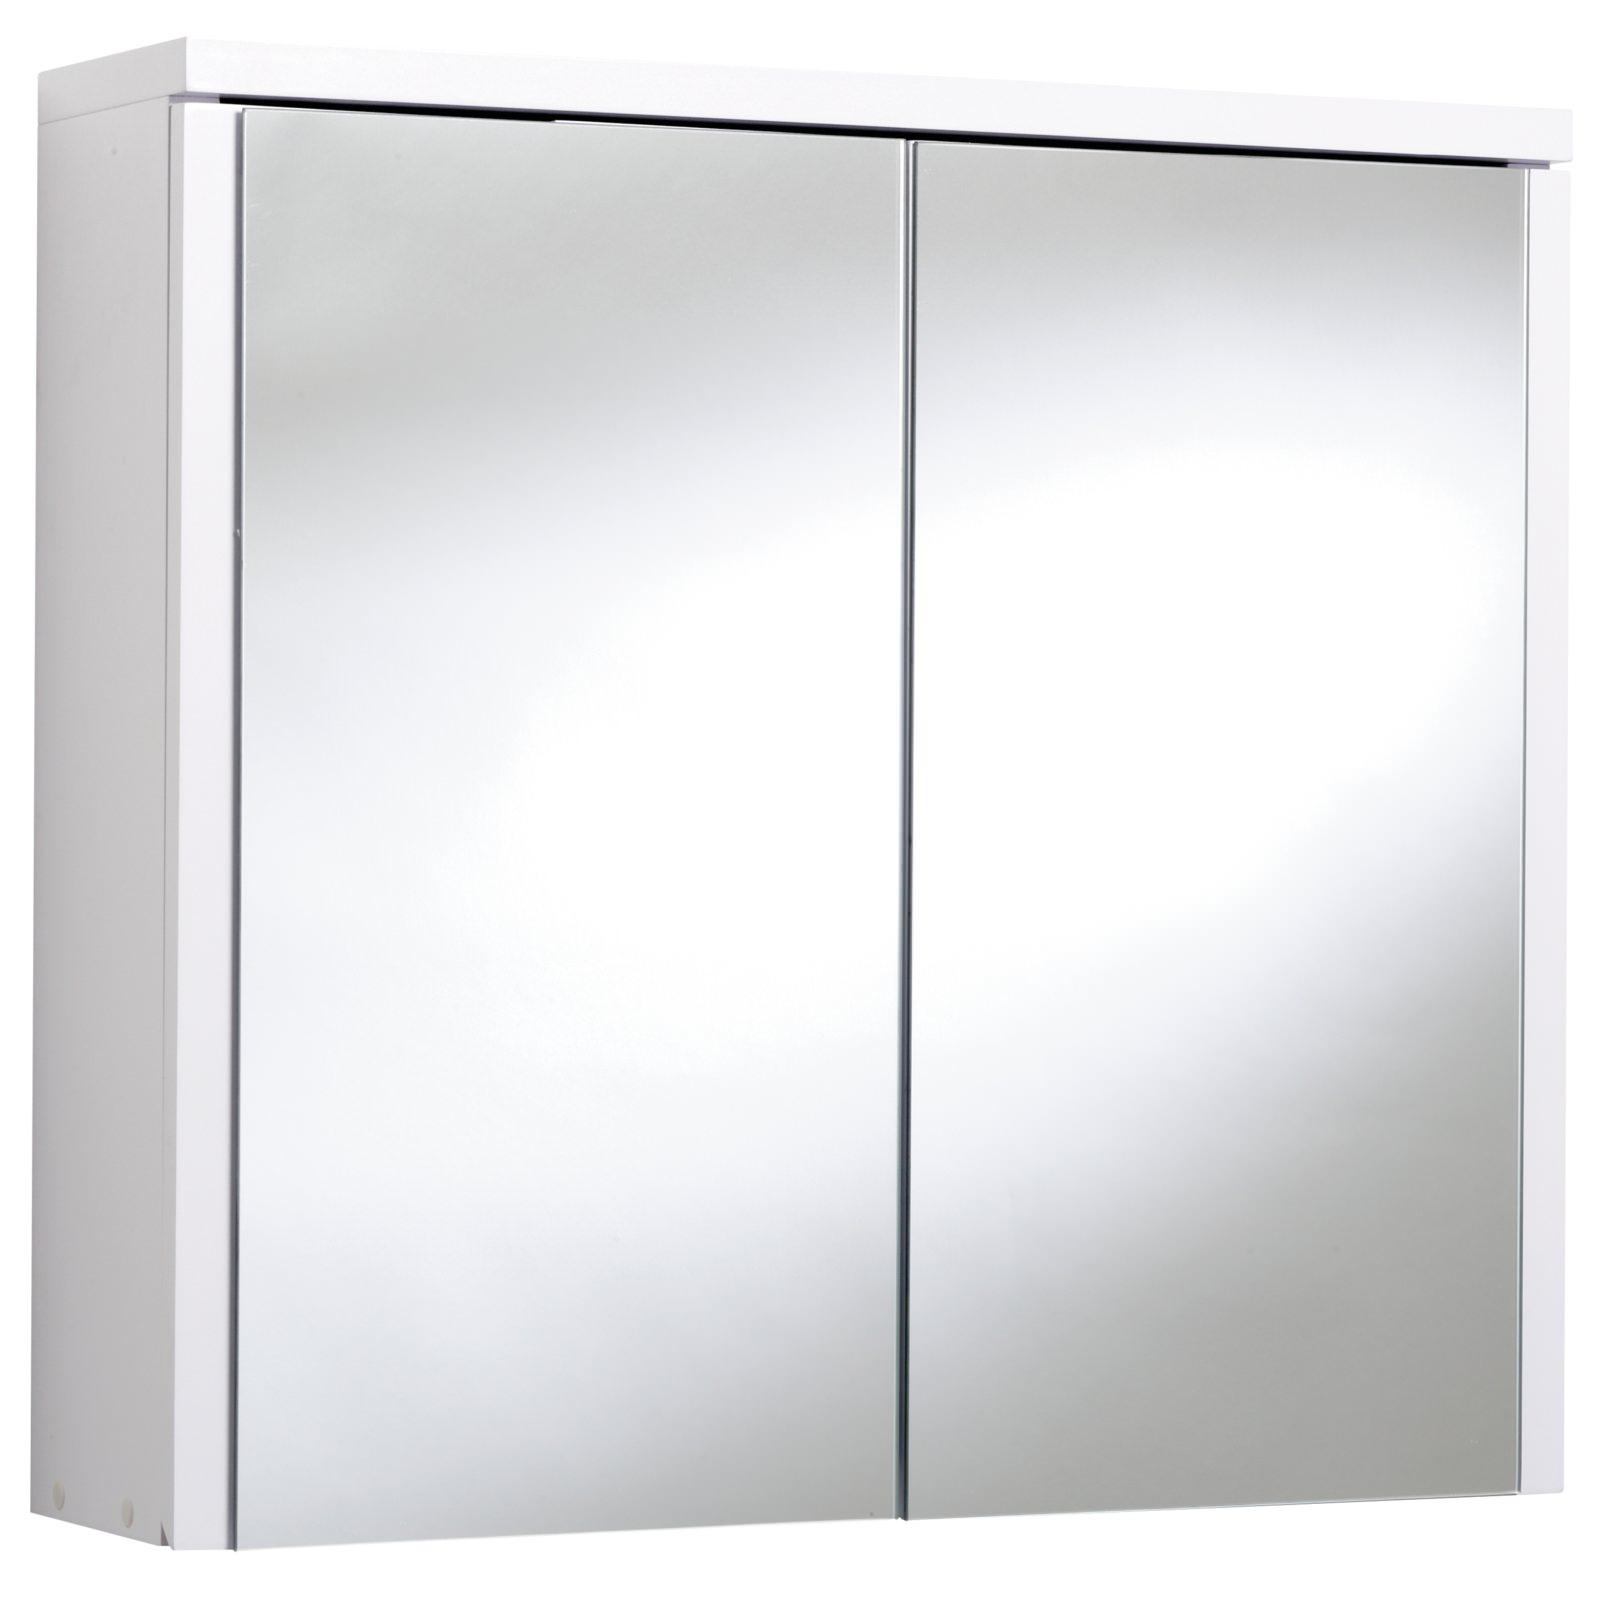 Croydex Swivel Double Door Bi-View White MDF Cabinet